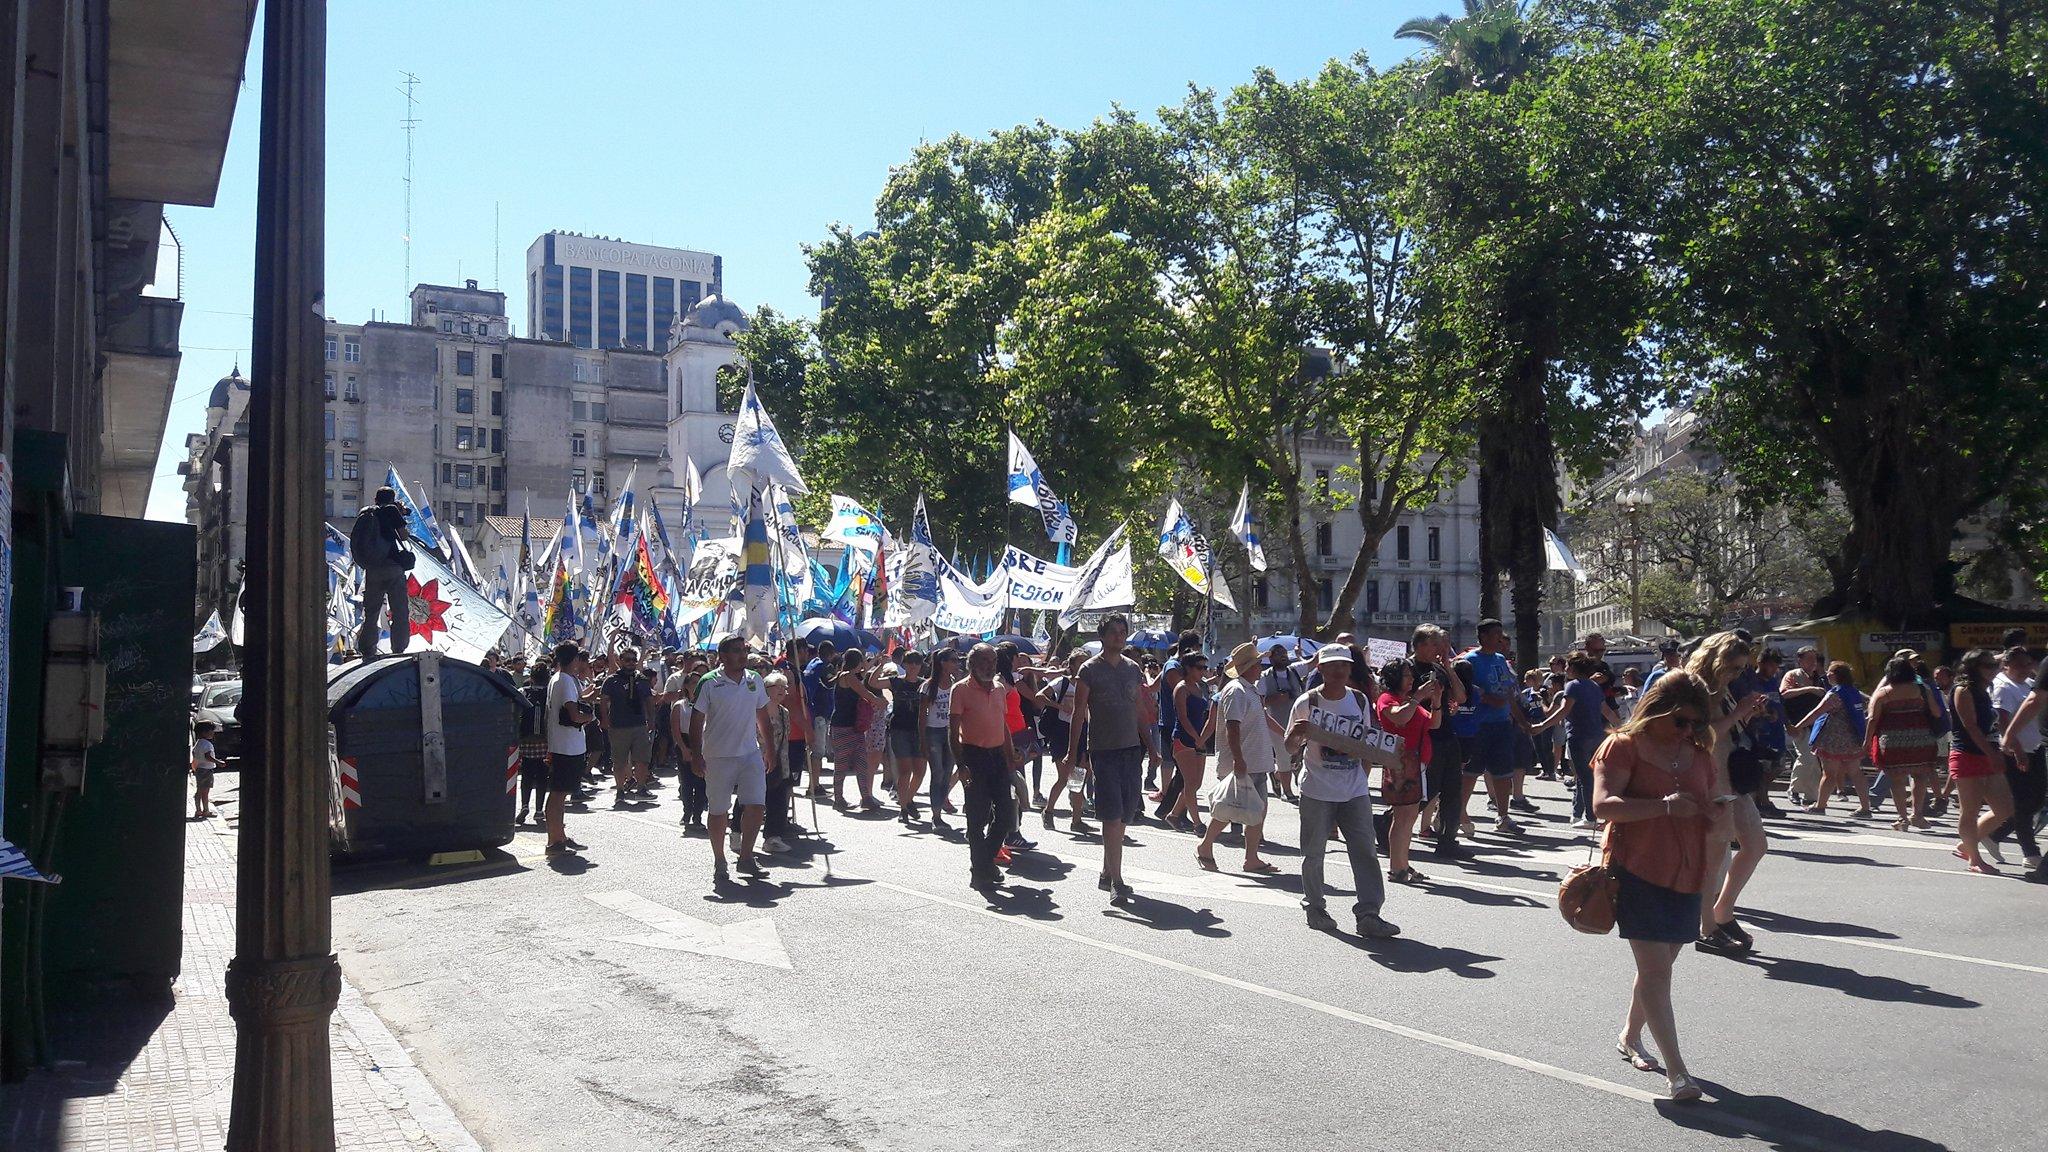 09.12.16 Die Argentinier streiken seit fünf Tagen und sperren die Straßen